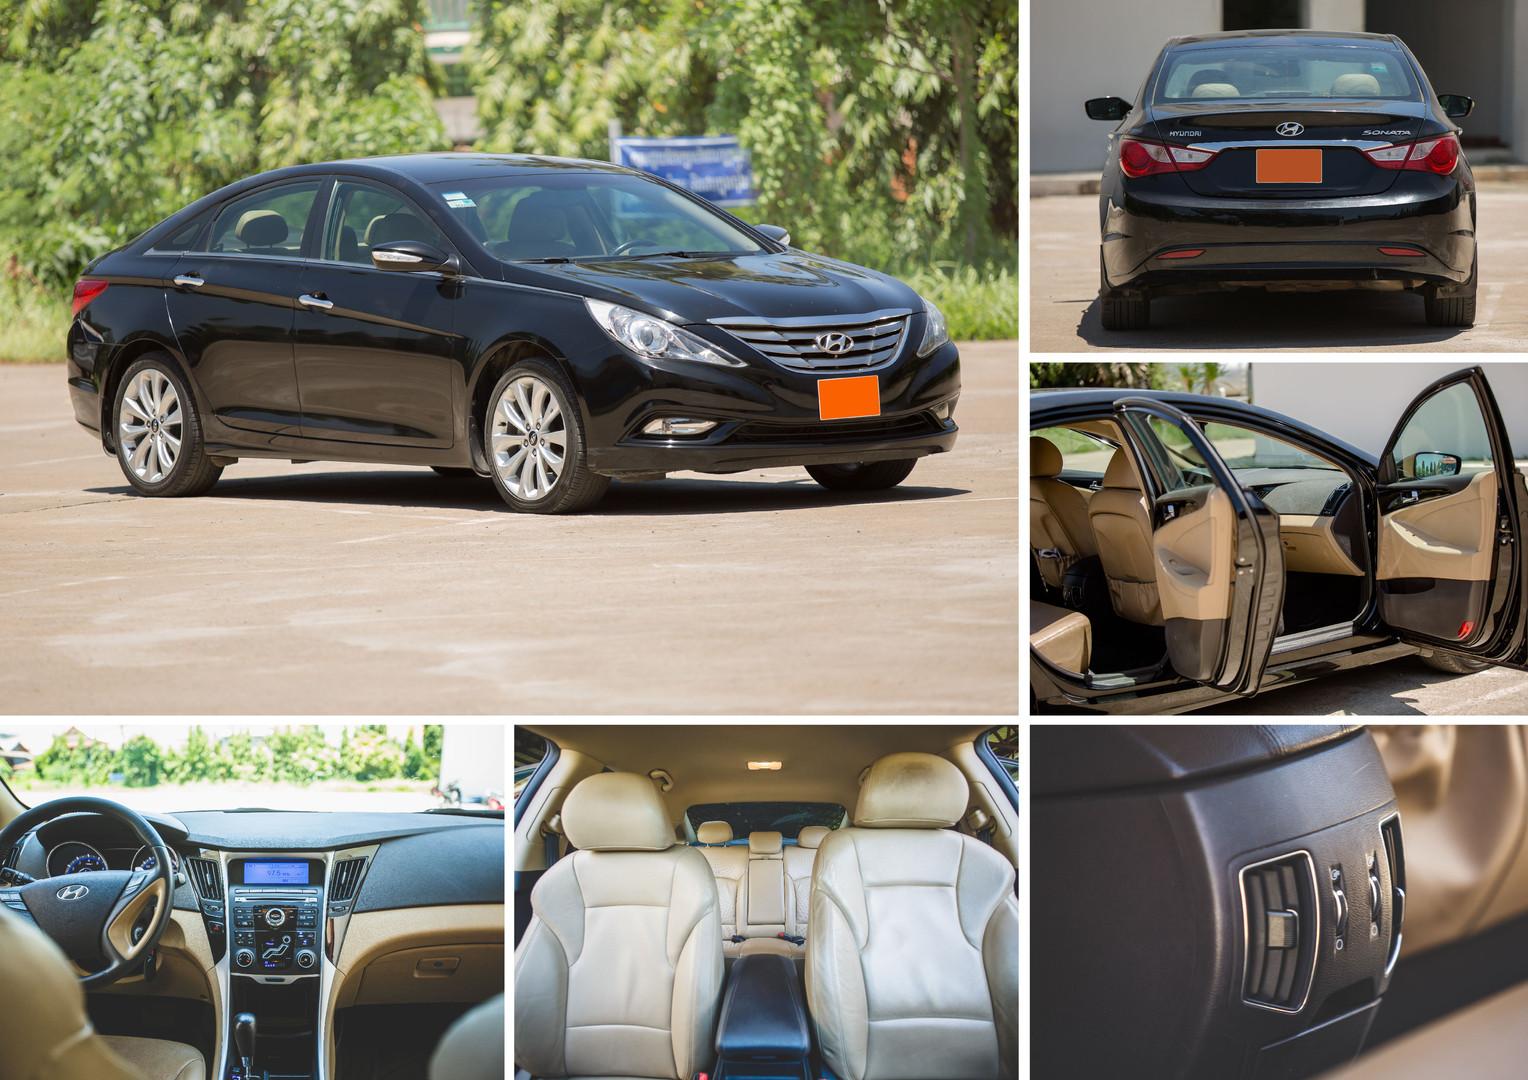 2012 Hyundai Sonata edited.jpg